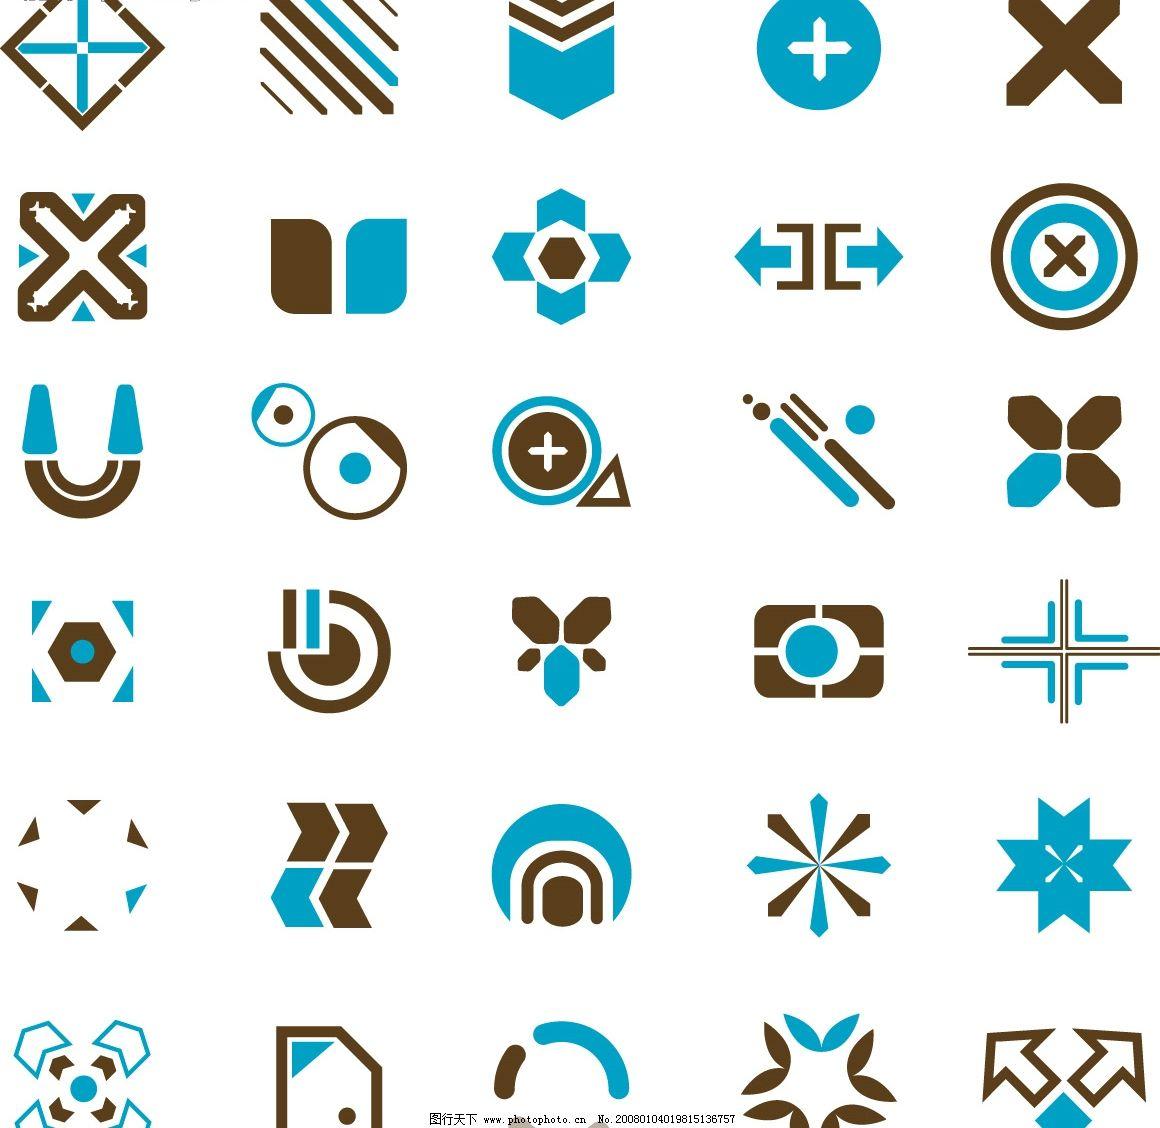 设计图库 标志图标 公共标识标志    上传: 2008-1-4 大小: 739.